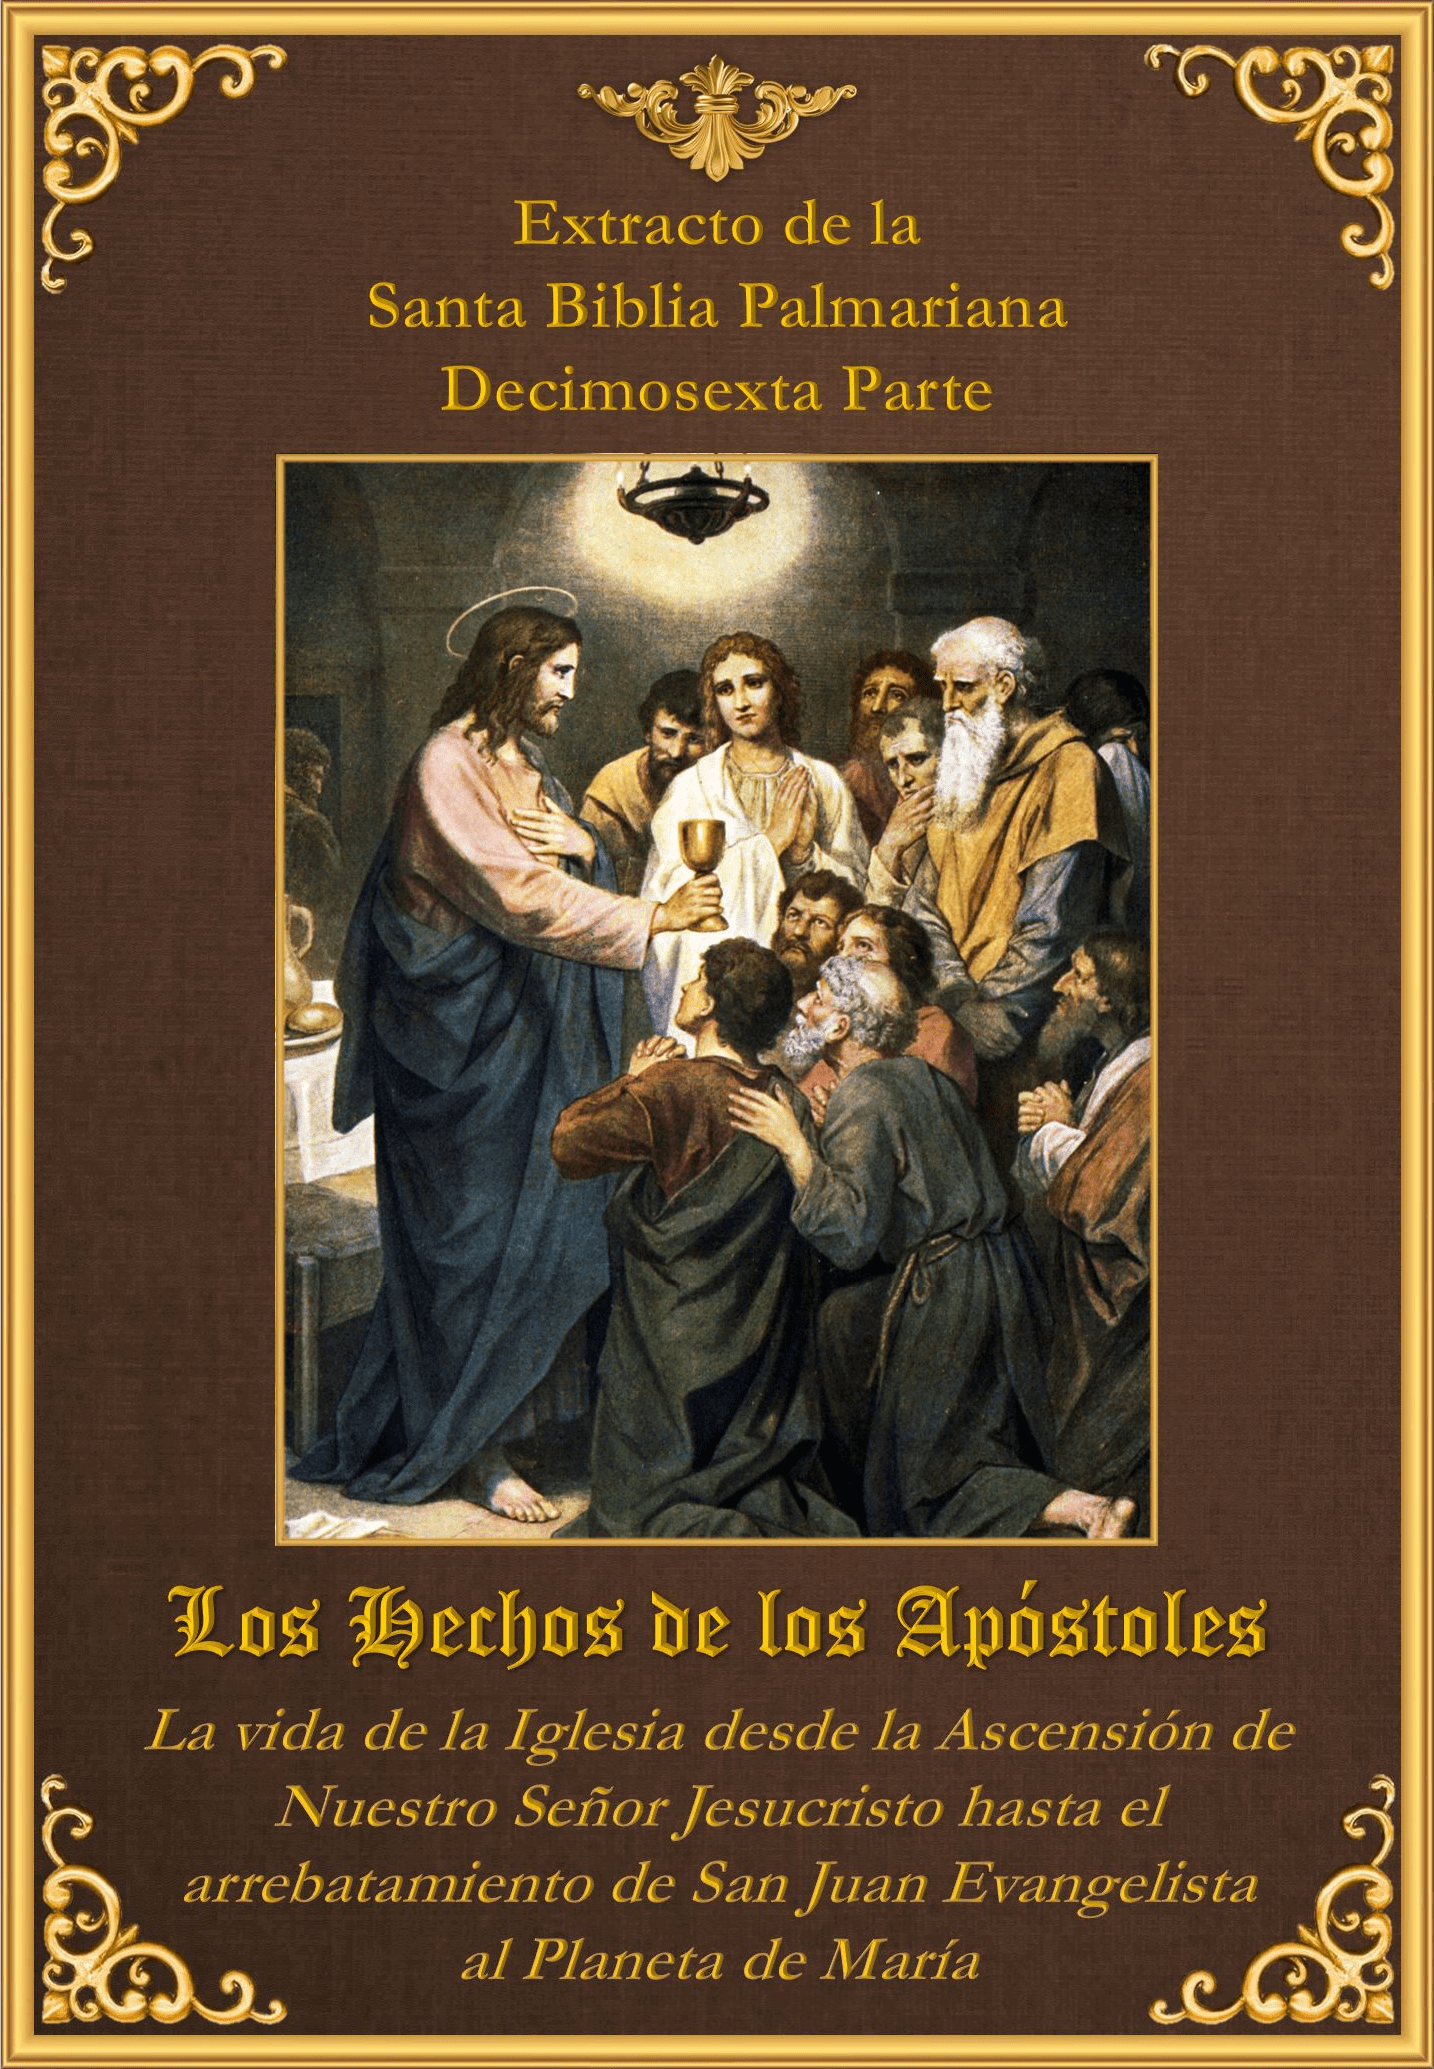 """<a href=""""/wp-content/uploads/2019/06/Los-Hechos-de-los-Apóstoles.pdf"""" title=""""Los Hechos de los Apóstoles"""">Los Hechos de los Apóstoles <br><br>Ver más"""